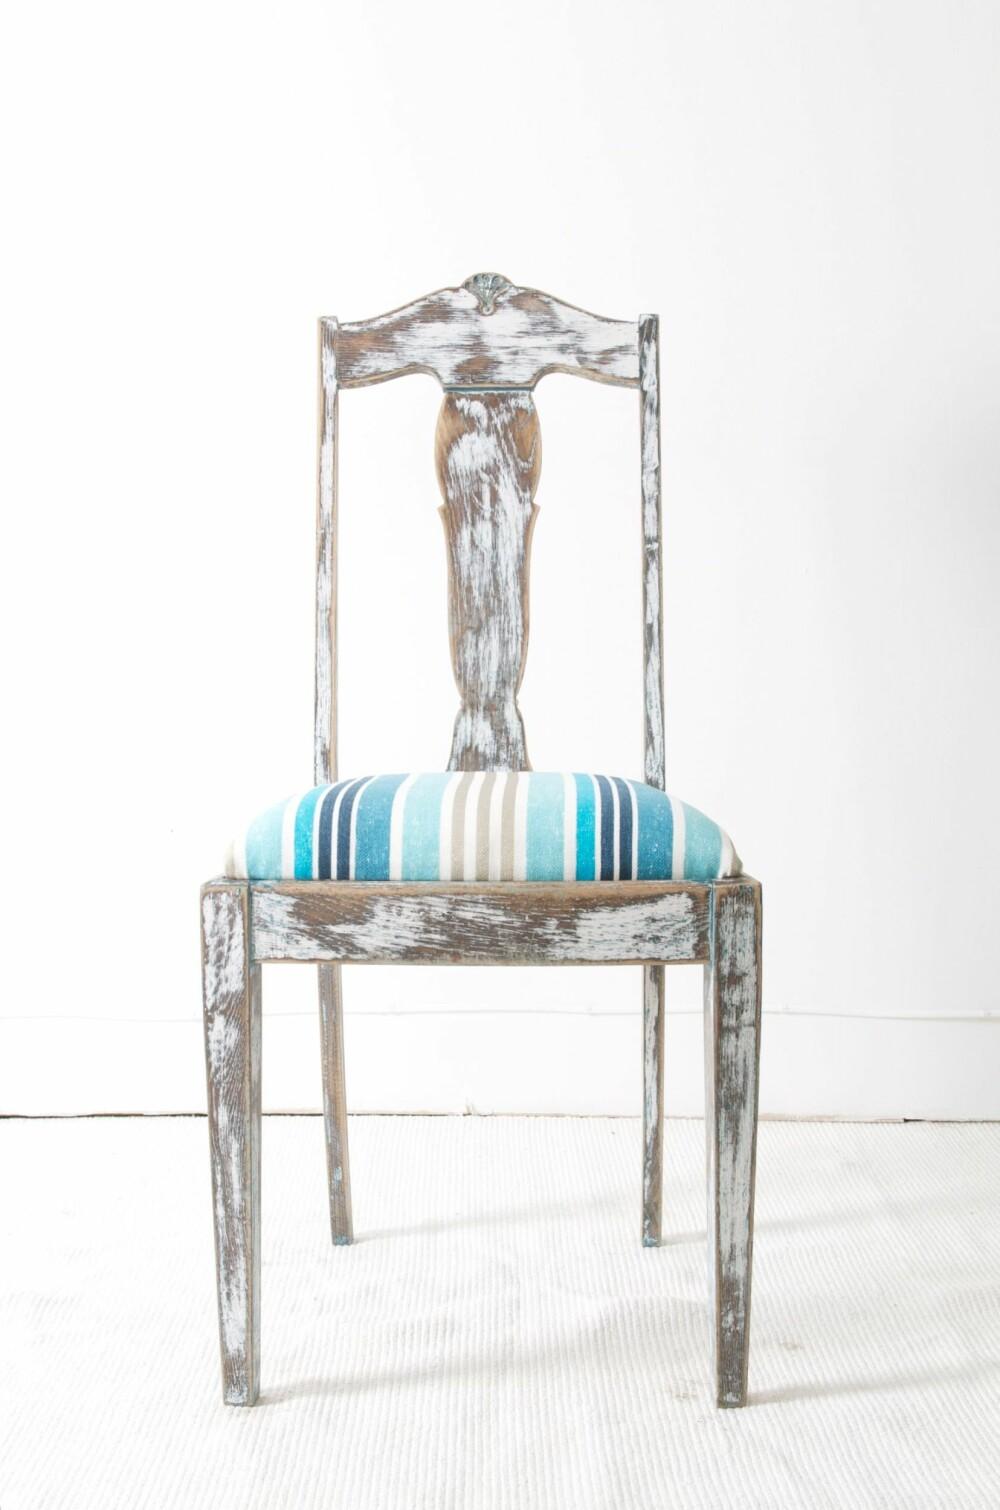 DRISTIG GJENBRUK: Redesignfirmaet Vivoli har gitt den gamle stolen et nytt uttrykk ved å slipe den ned og trekke den om.